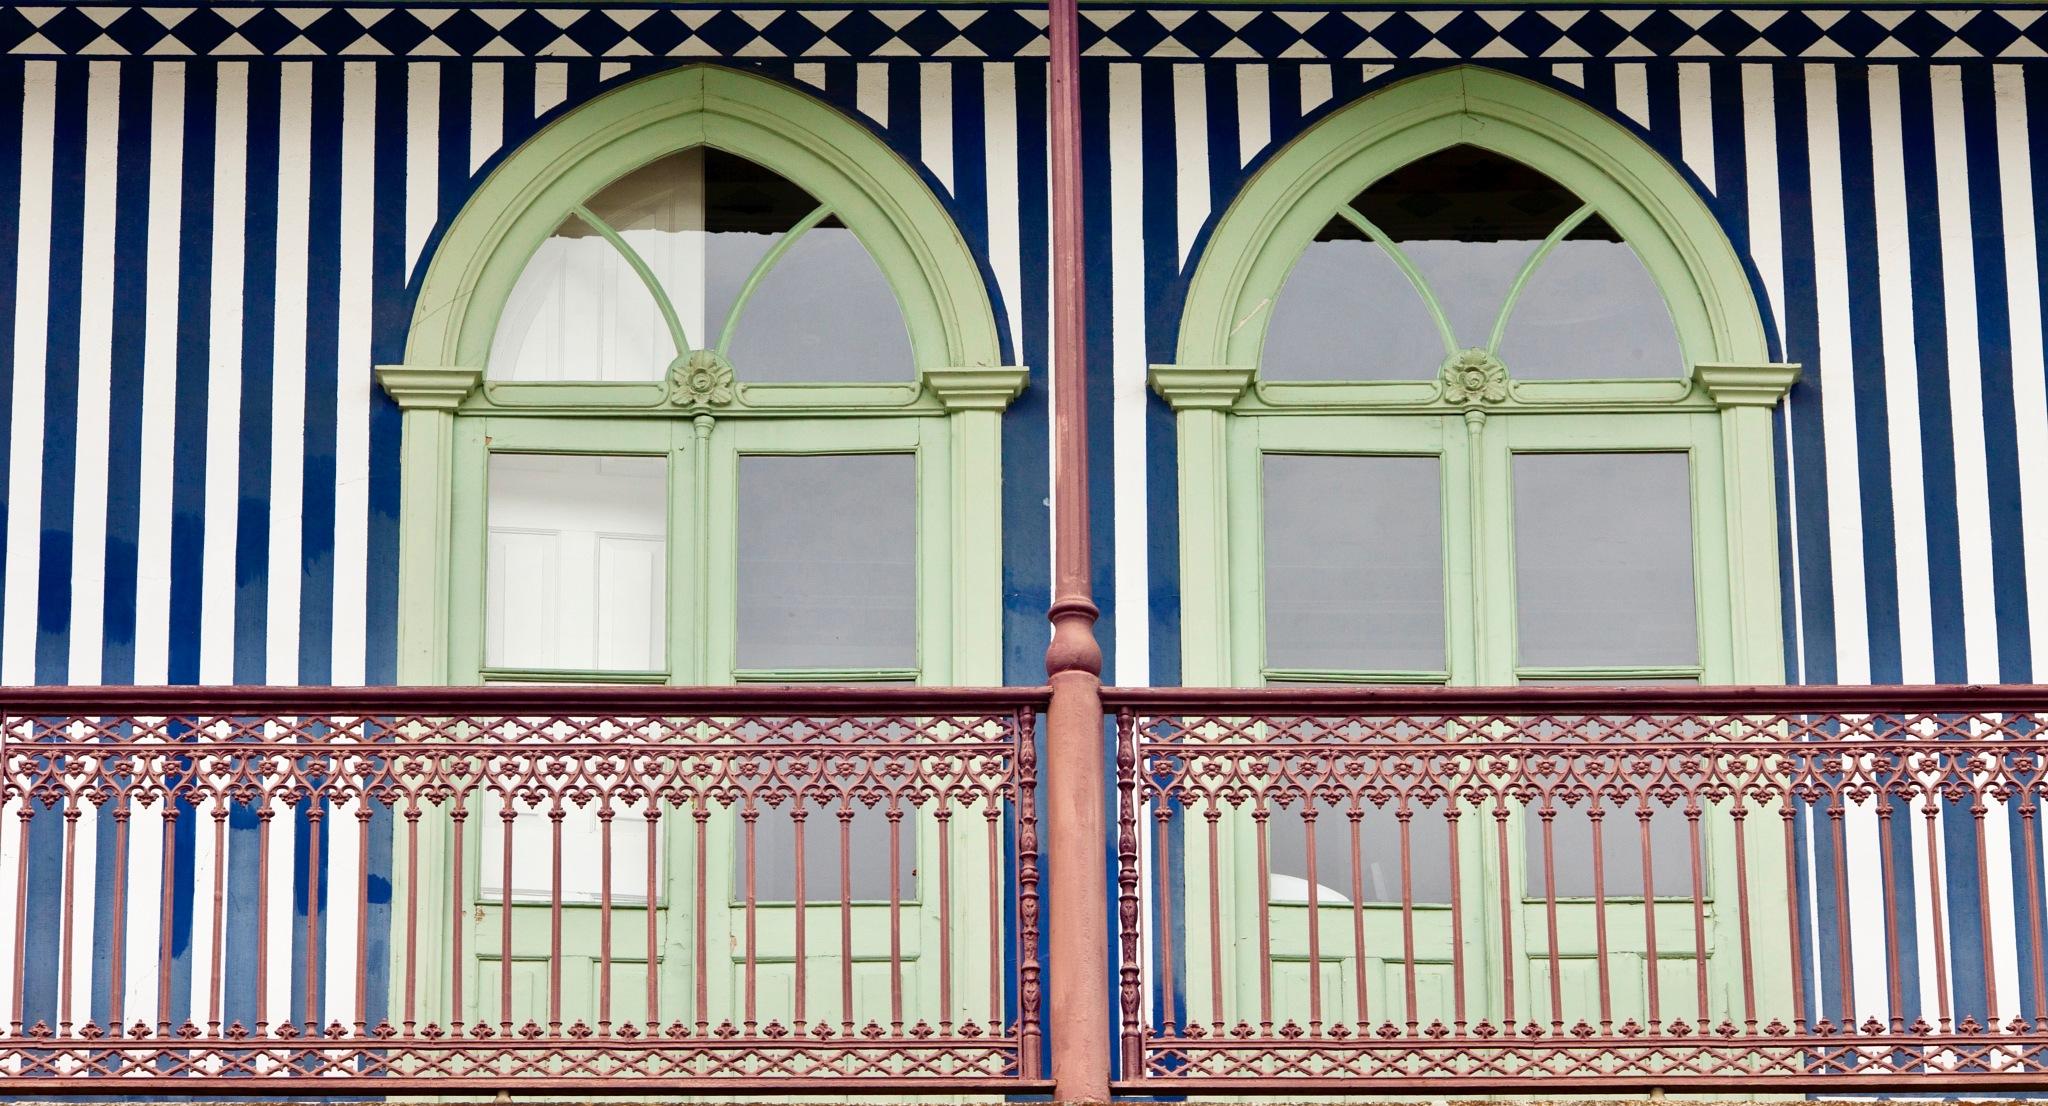 Windows by Francisco Sá da Bandeira